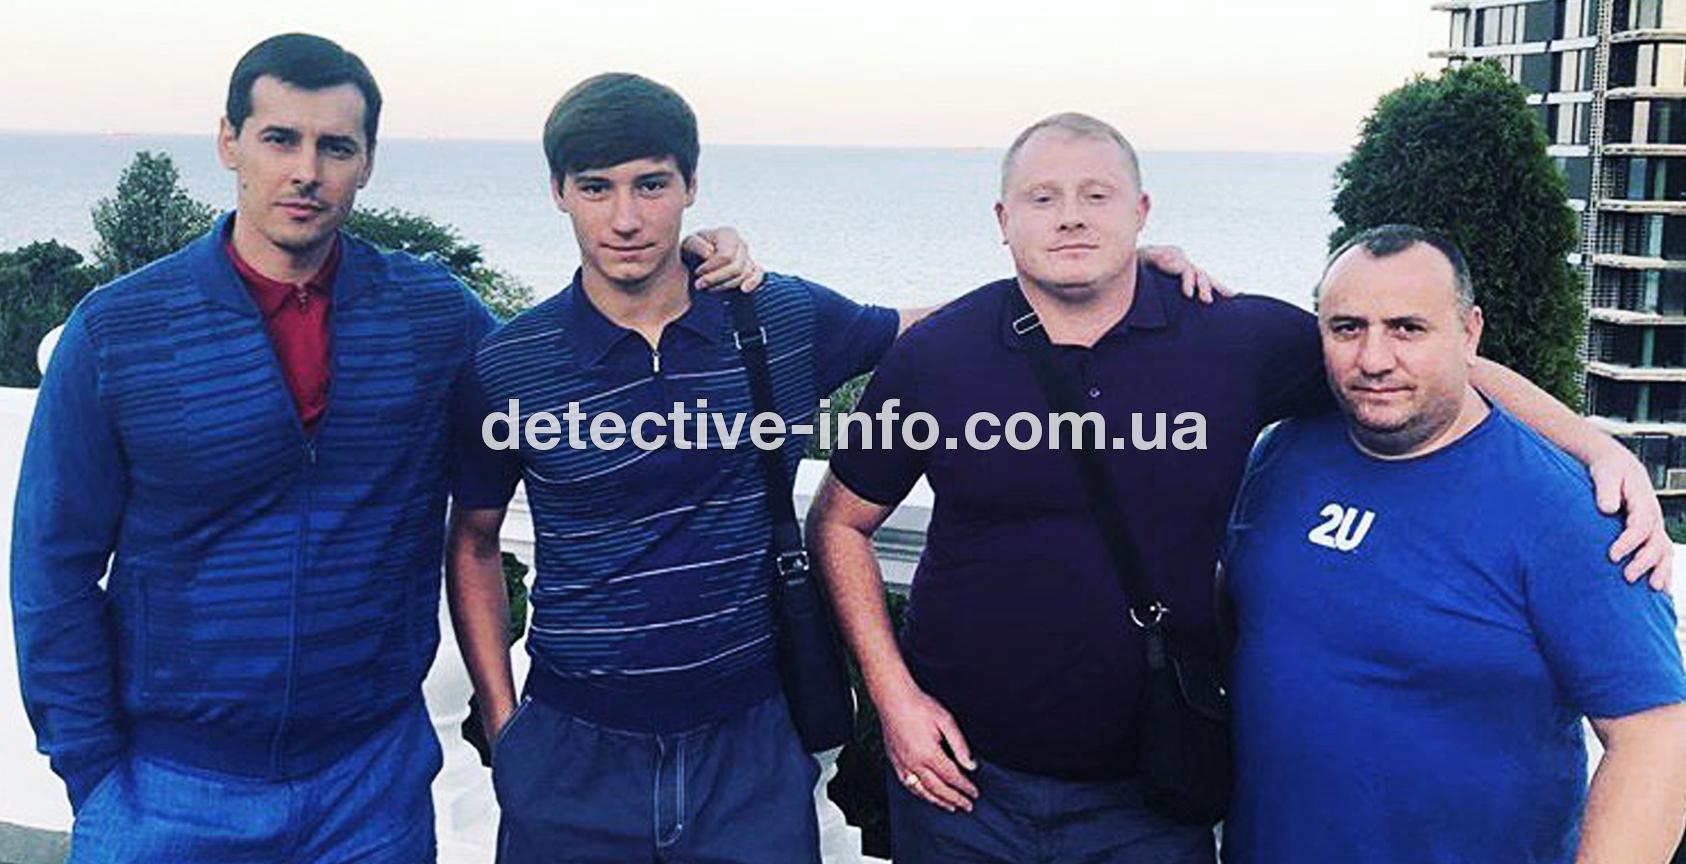 """mazur4 - Олександр Мазур: """"кримінальні батьки"""", АТО і Тарас Бульба"""